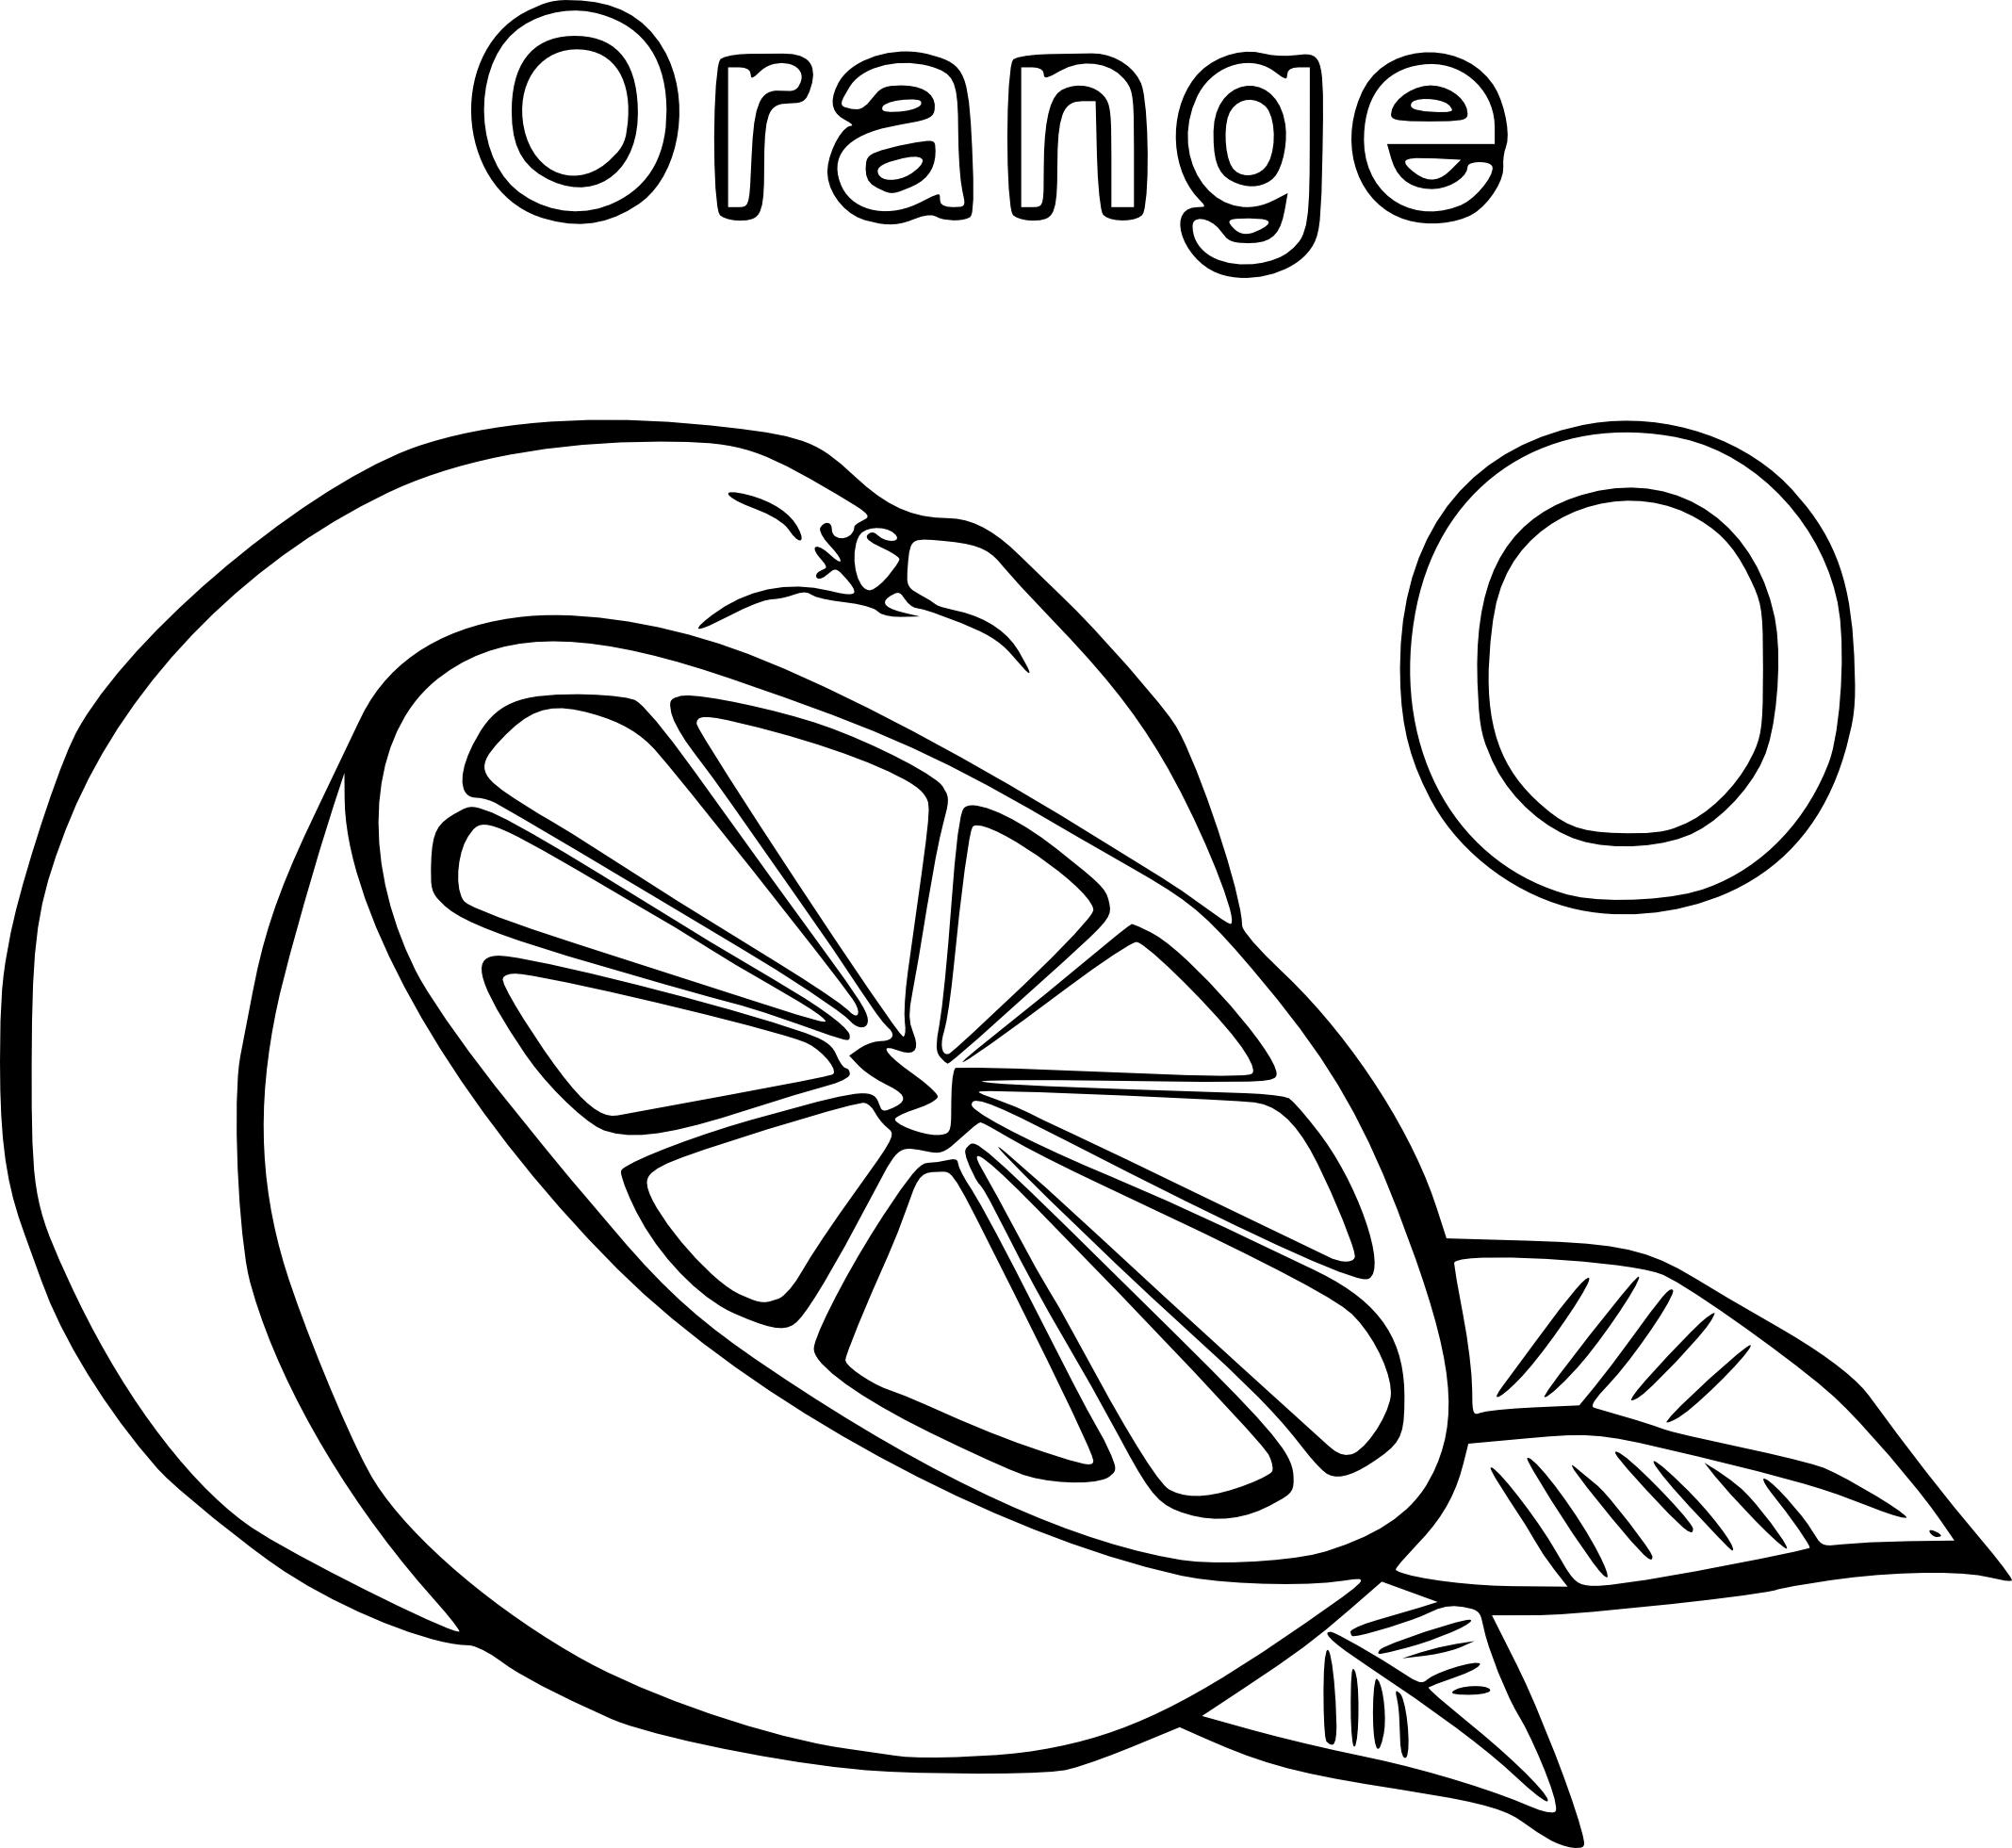 Coloriage orange et dessin à imprimer